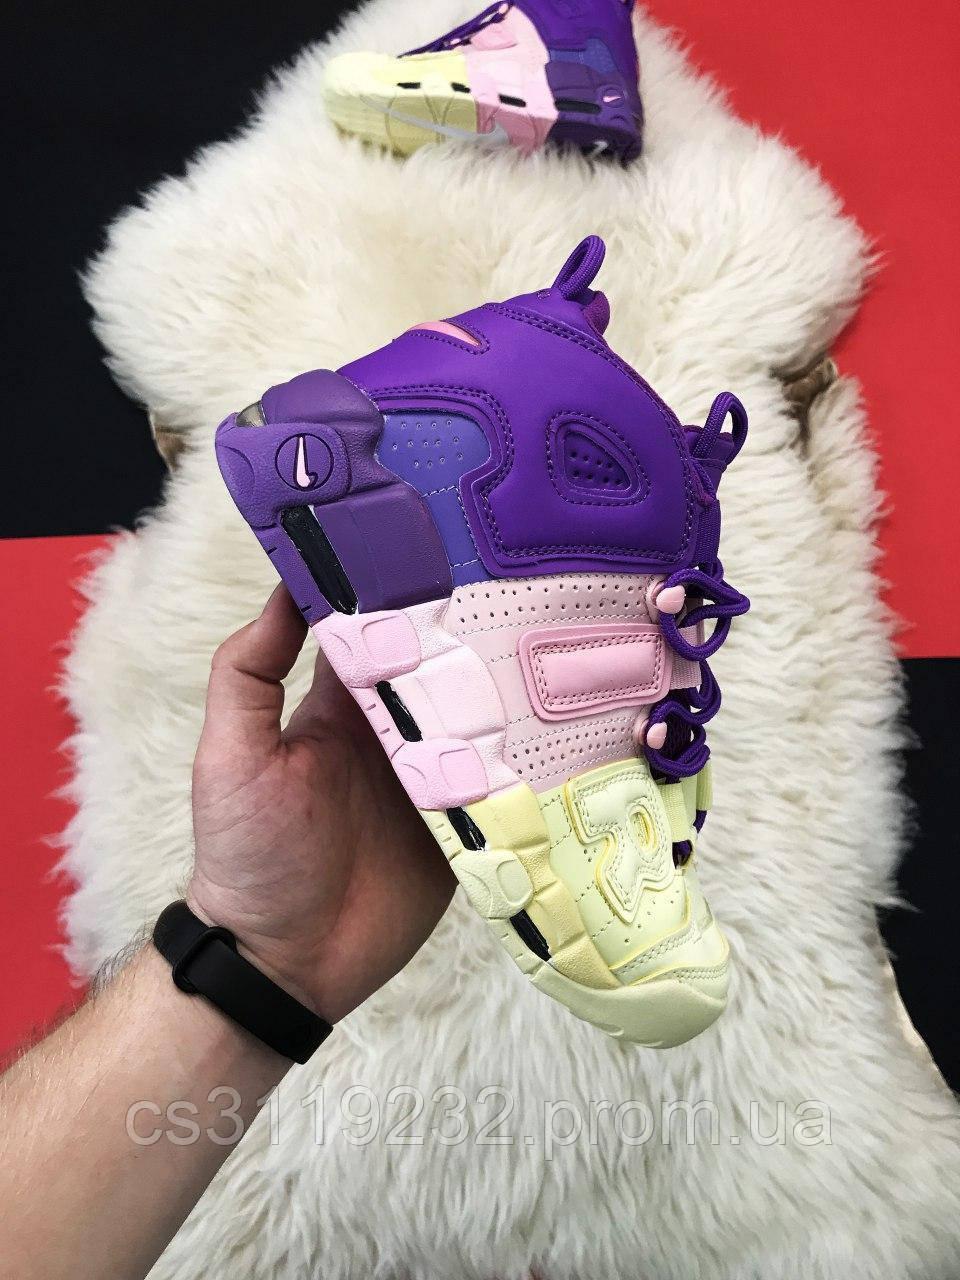 Женские кроссовки Nike Air More Uptempo Violet Pink Yellow (фиолетовый/розовый/желтый)